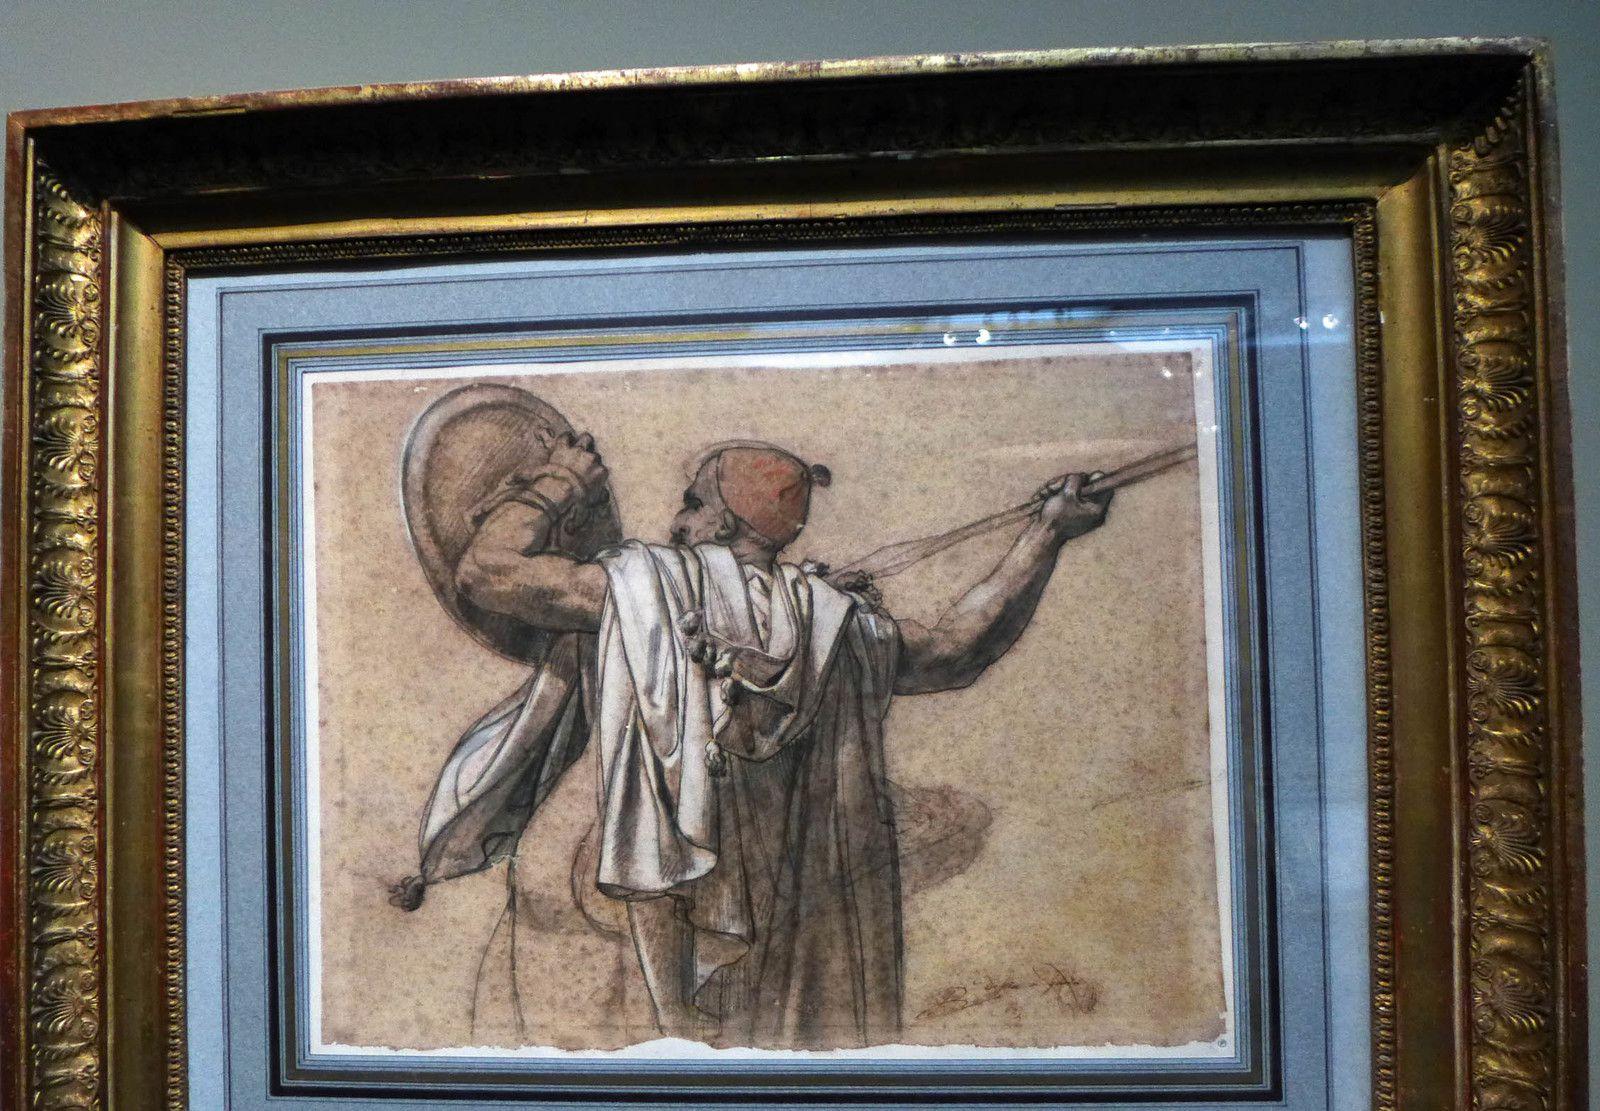 AnneLouis GIRODET, Turc vu de dos, tourné vers la gauche, levant sa lance et son bouclier (Pierre noire, fusain, estompe, rehauts de craie blanche et de pastel sur papier beige).